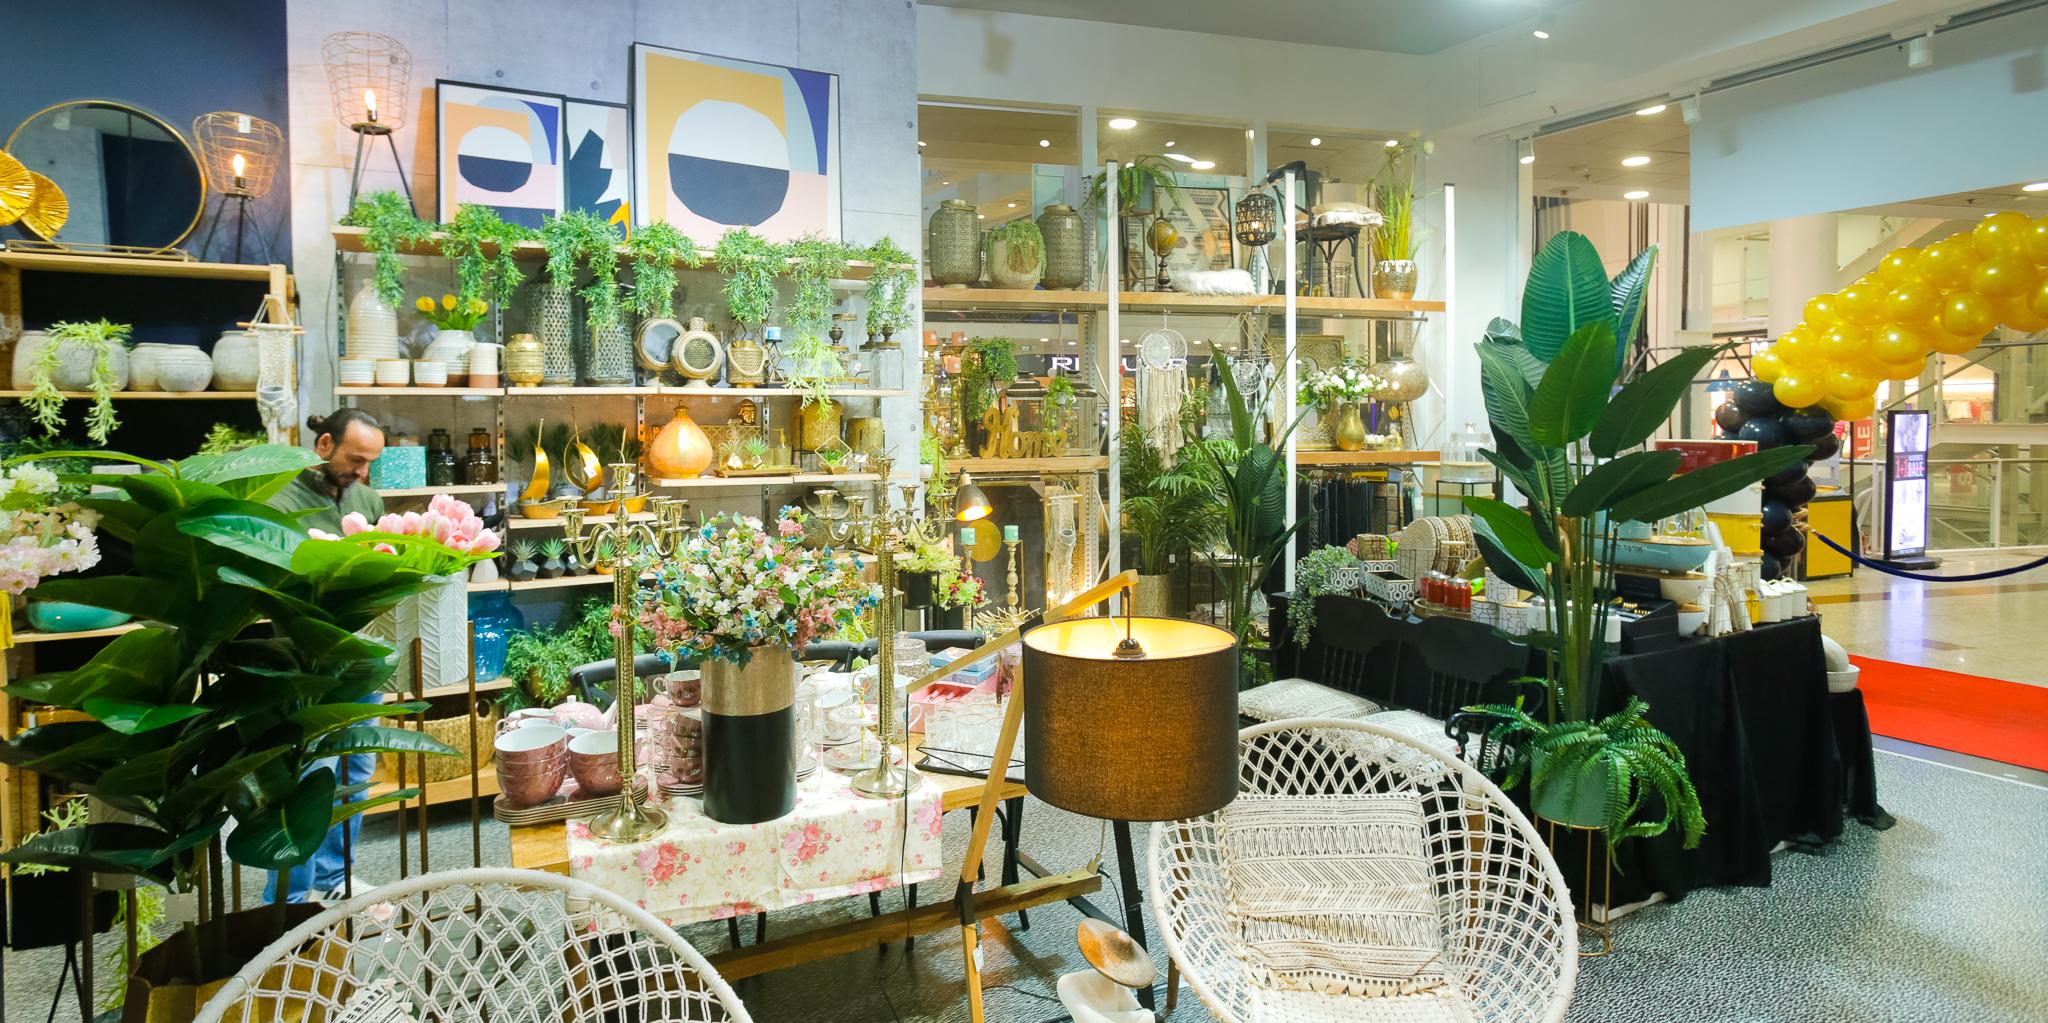 מותג עיצוב הבית האינטרנטי STYLISH פתח חנות קונספט ראשונה בקניון עזריאלי חיפה צלם אריק רובין